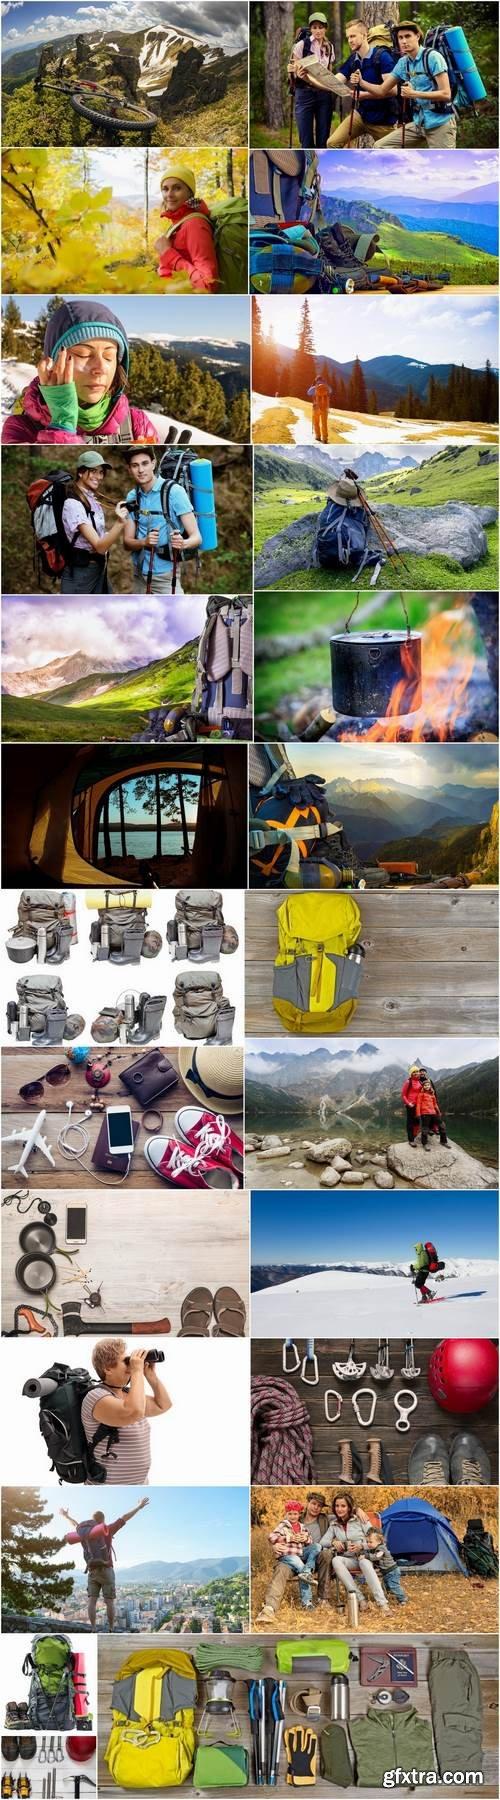 Travel gear travel tourism nature landscape tourist 25 HQ Jpeg